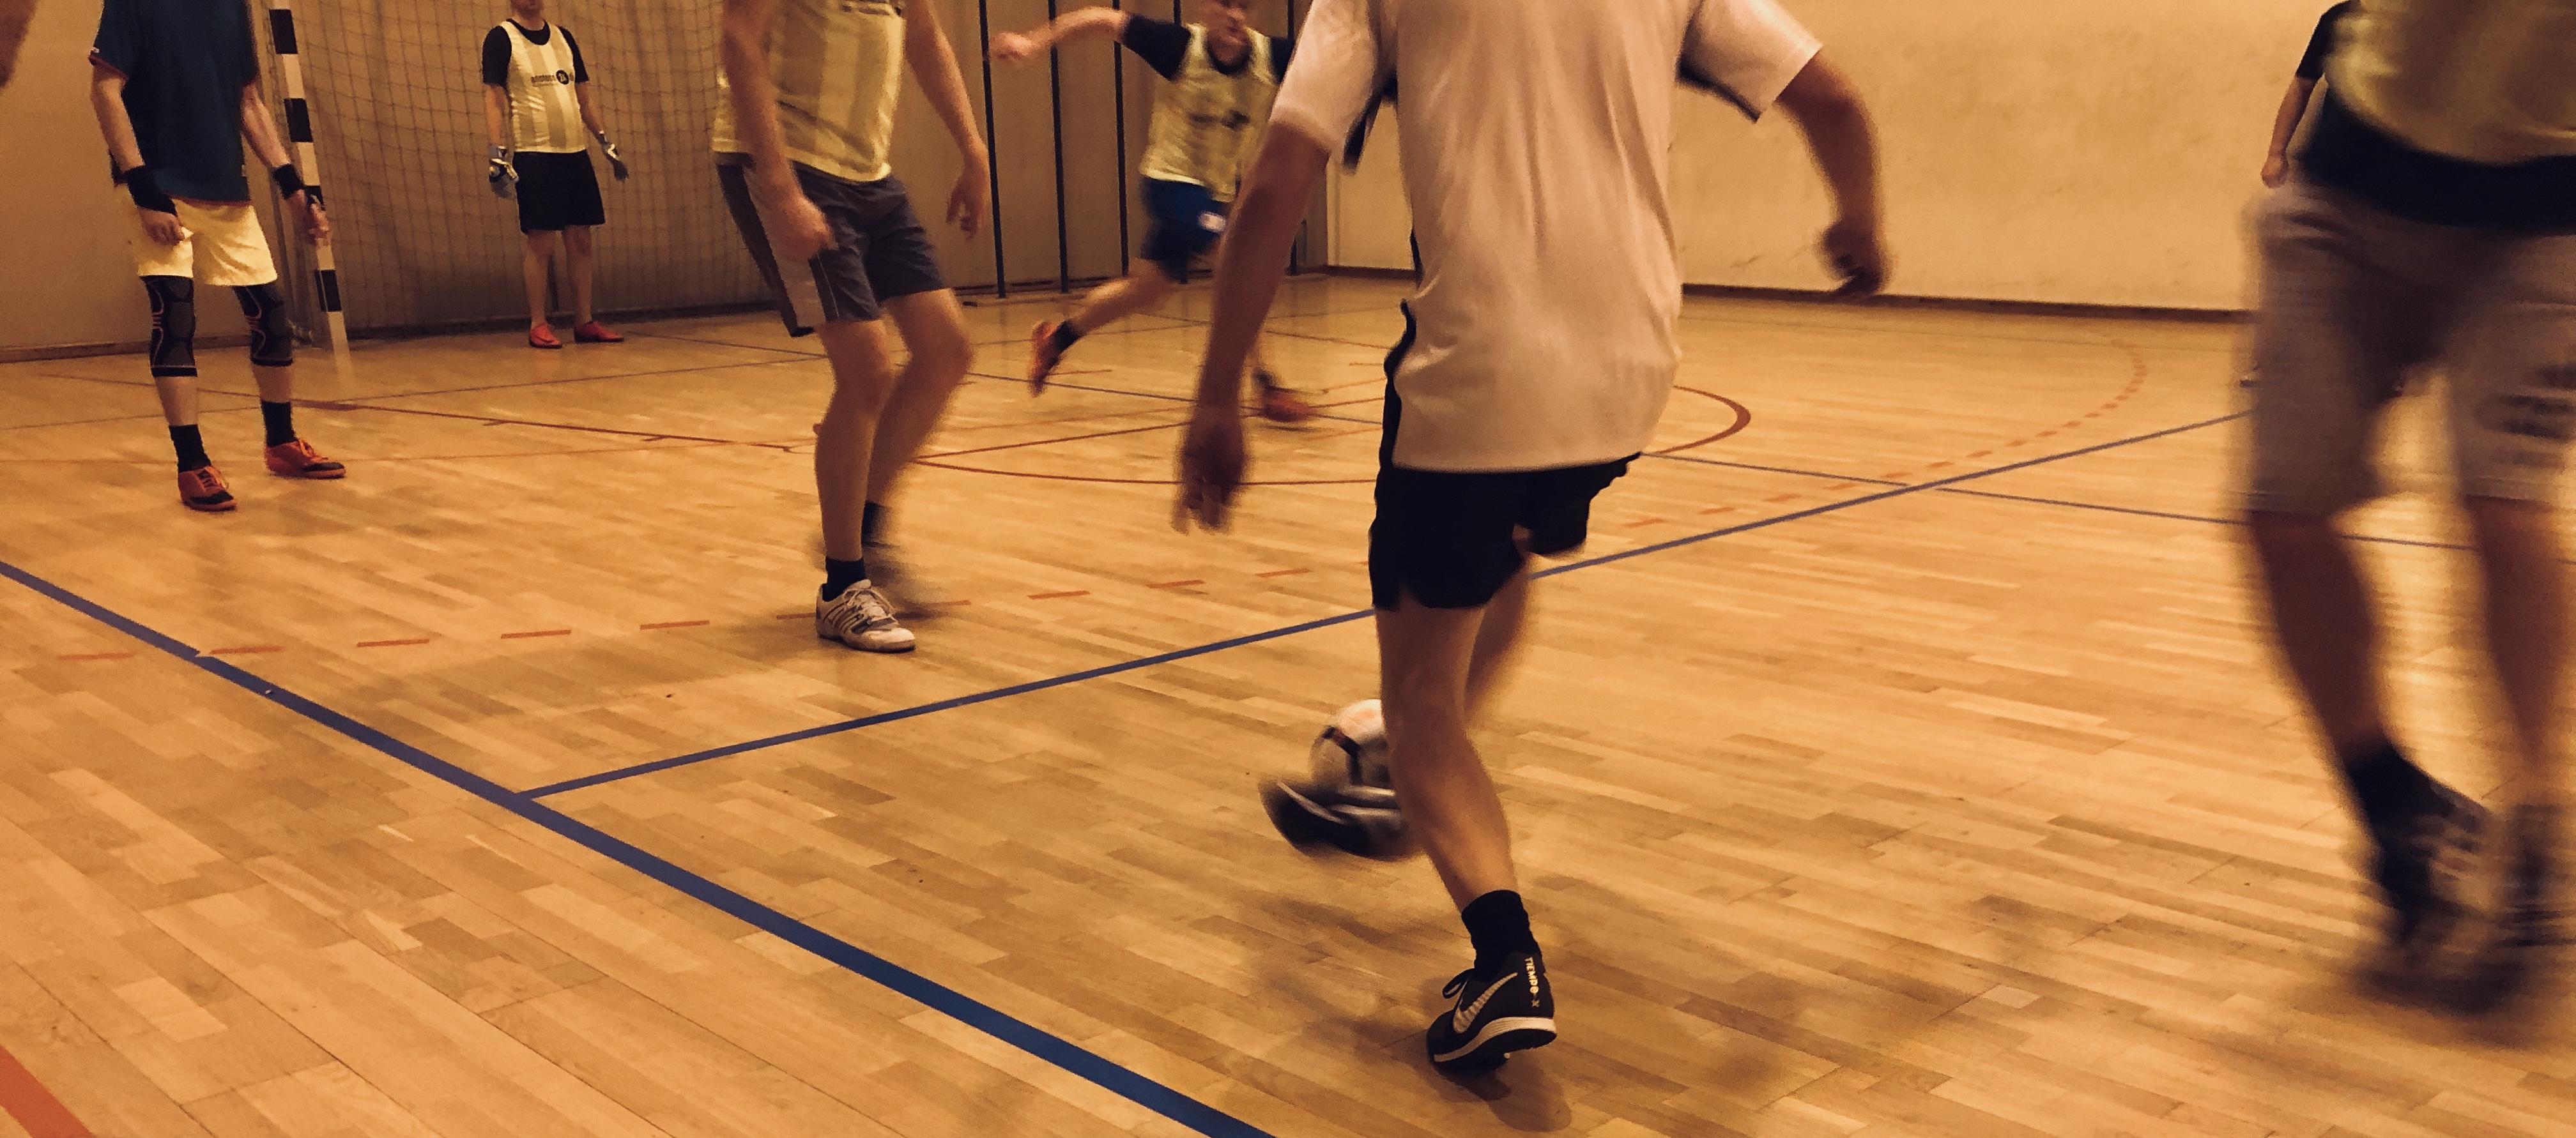 Fußballspiel in der Halle